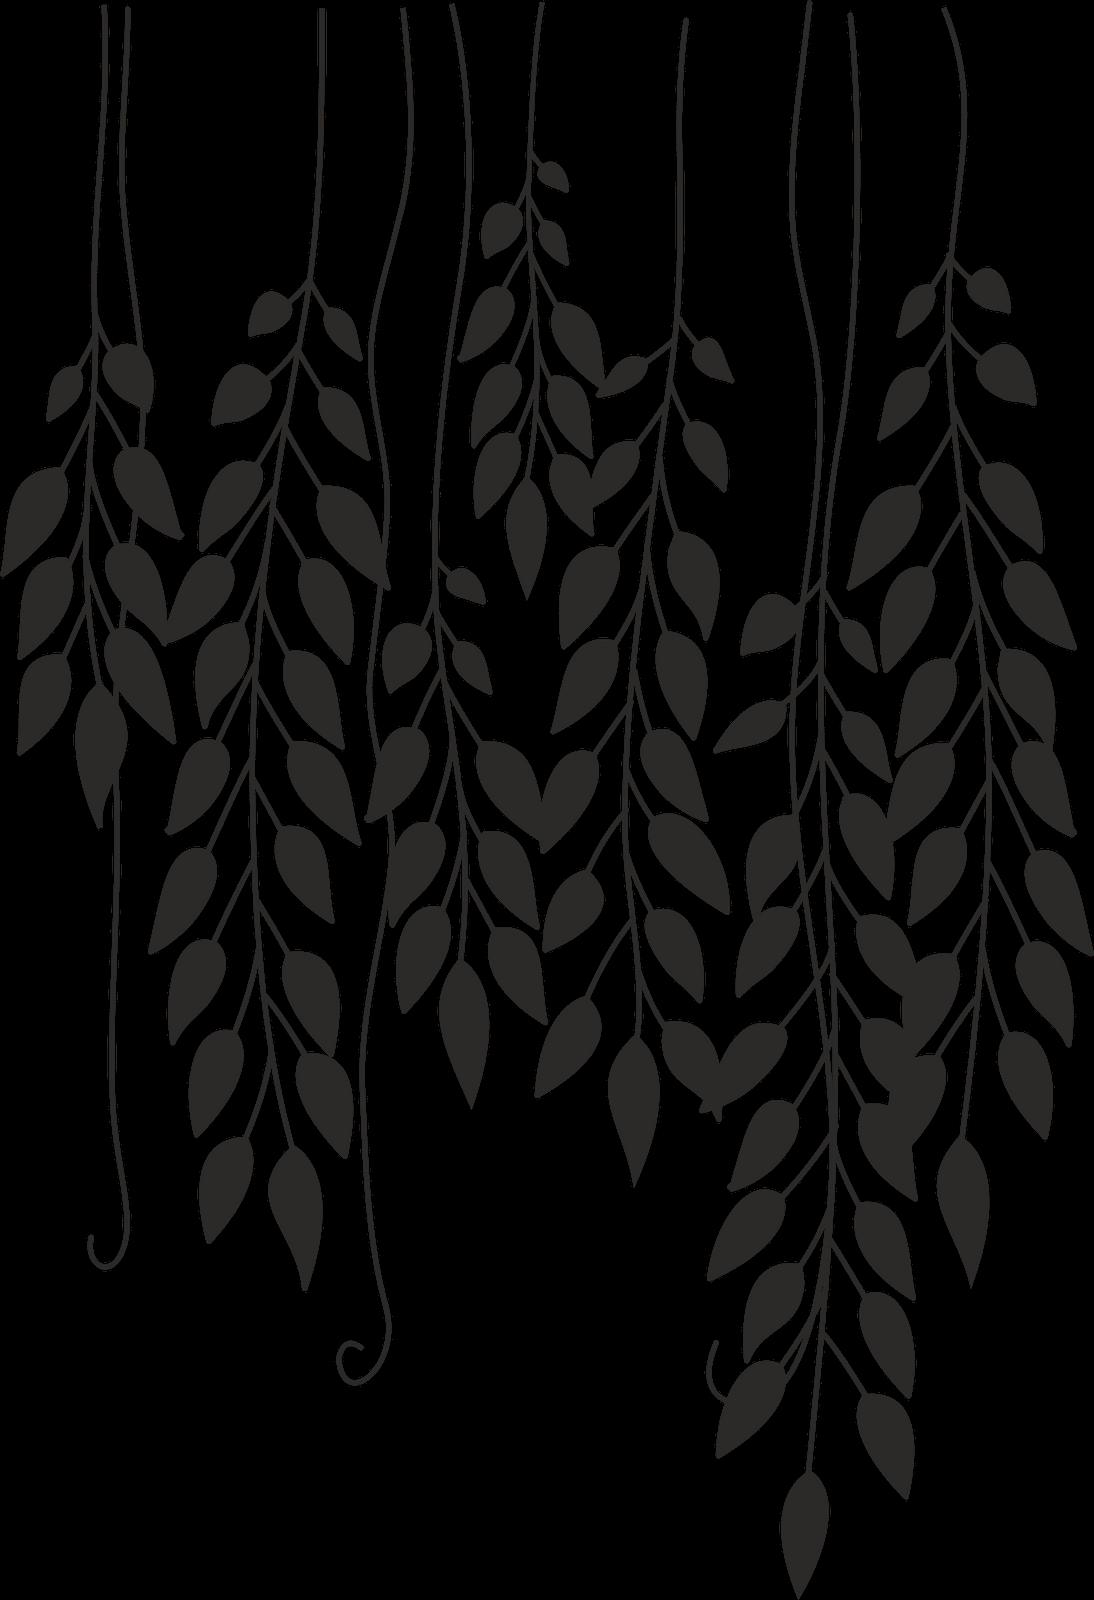 Dibujos De Flores En Blanco Y Negro. Resultado De Imagen Para Flores ...